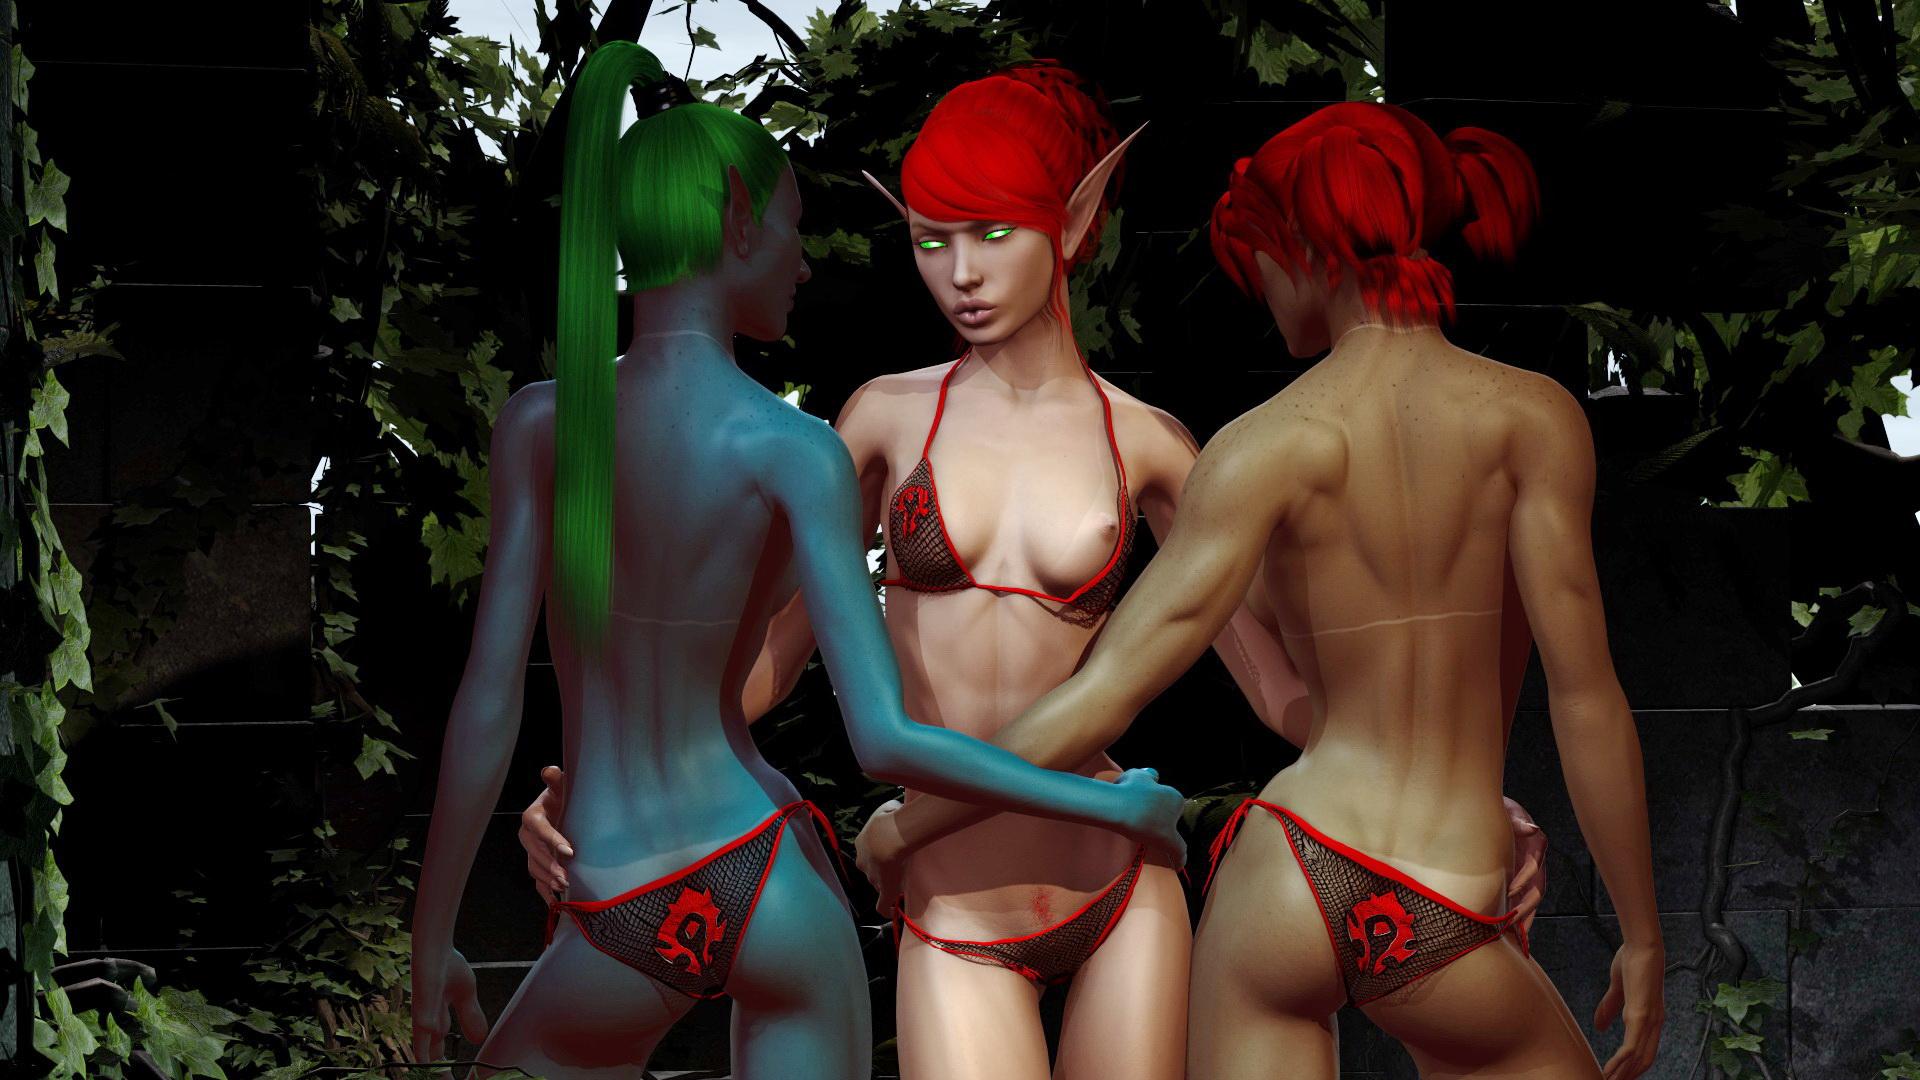 Hentie porncraft sex photo